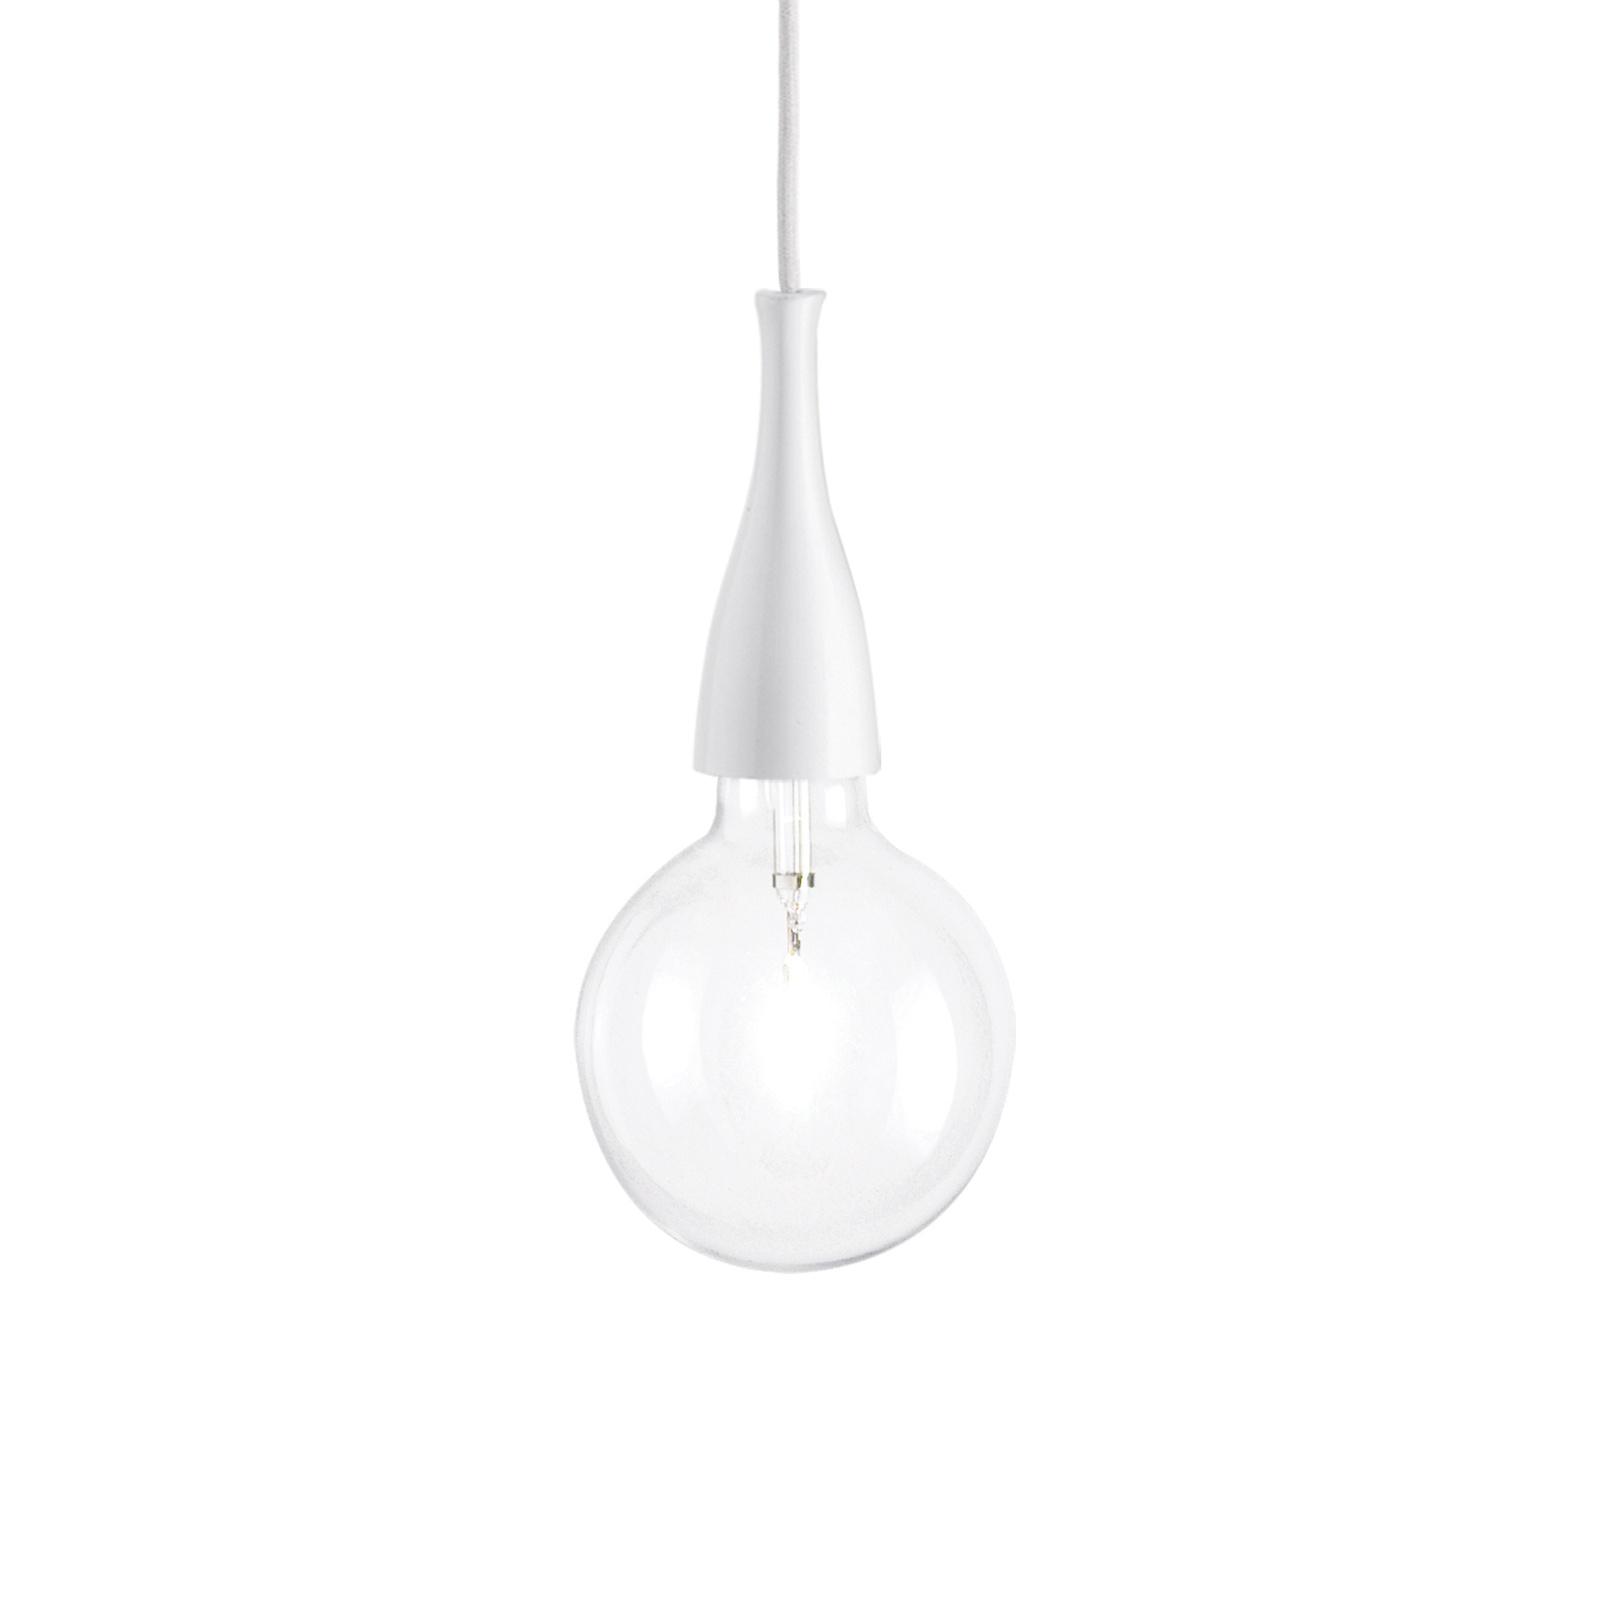 Подвесной светильник Ideal Lux SP1 BIANCO подвесной светильник ideal lux cono sp1 bianco